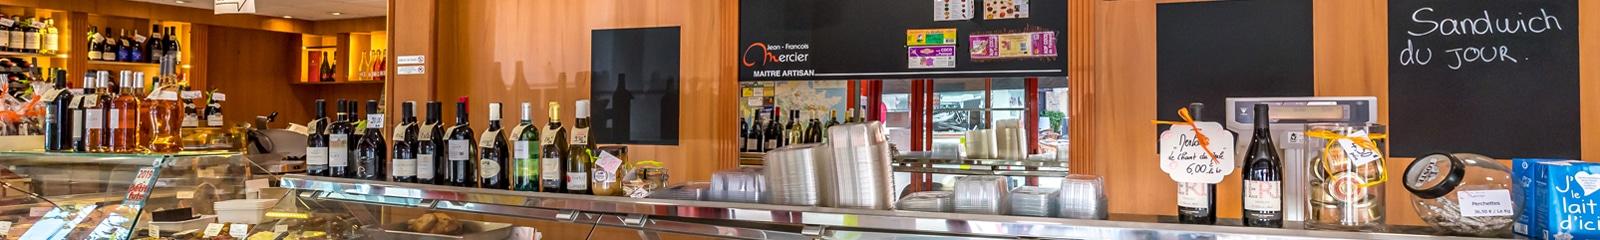 Traiteur et autres commerces alimentaires à Carnac